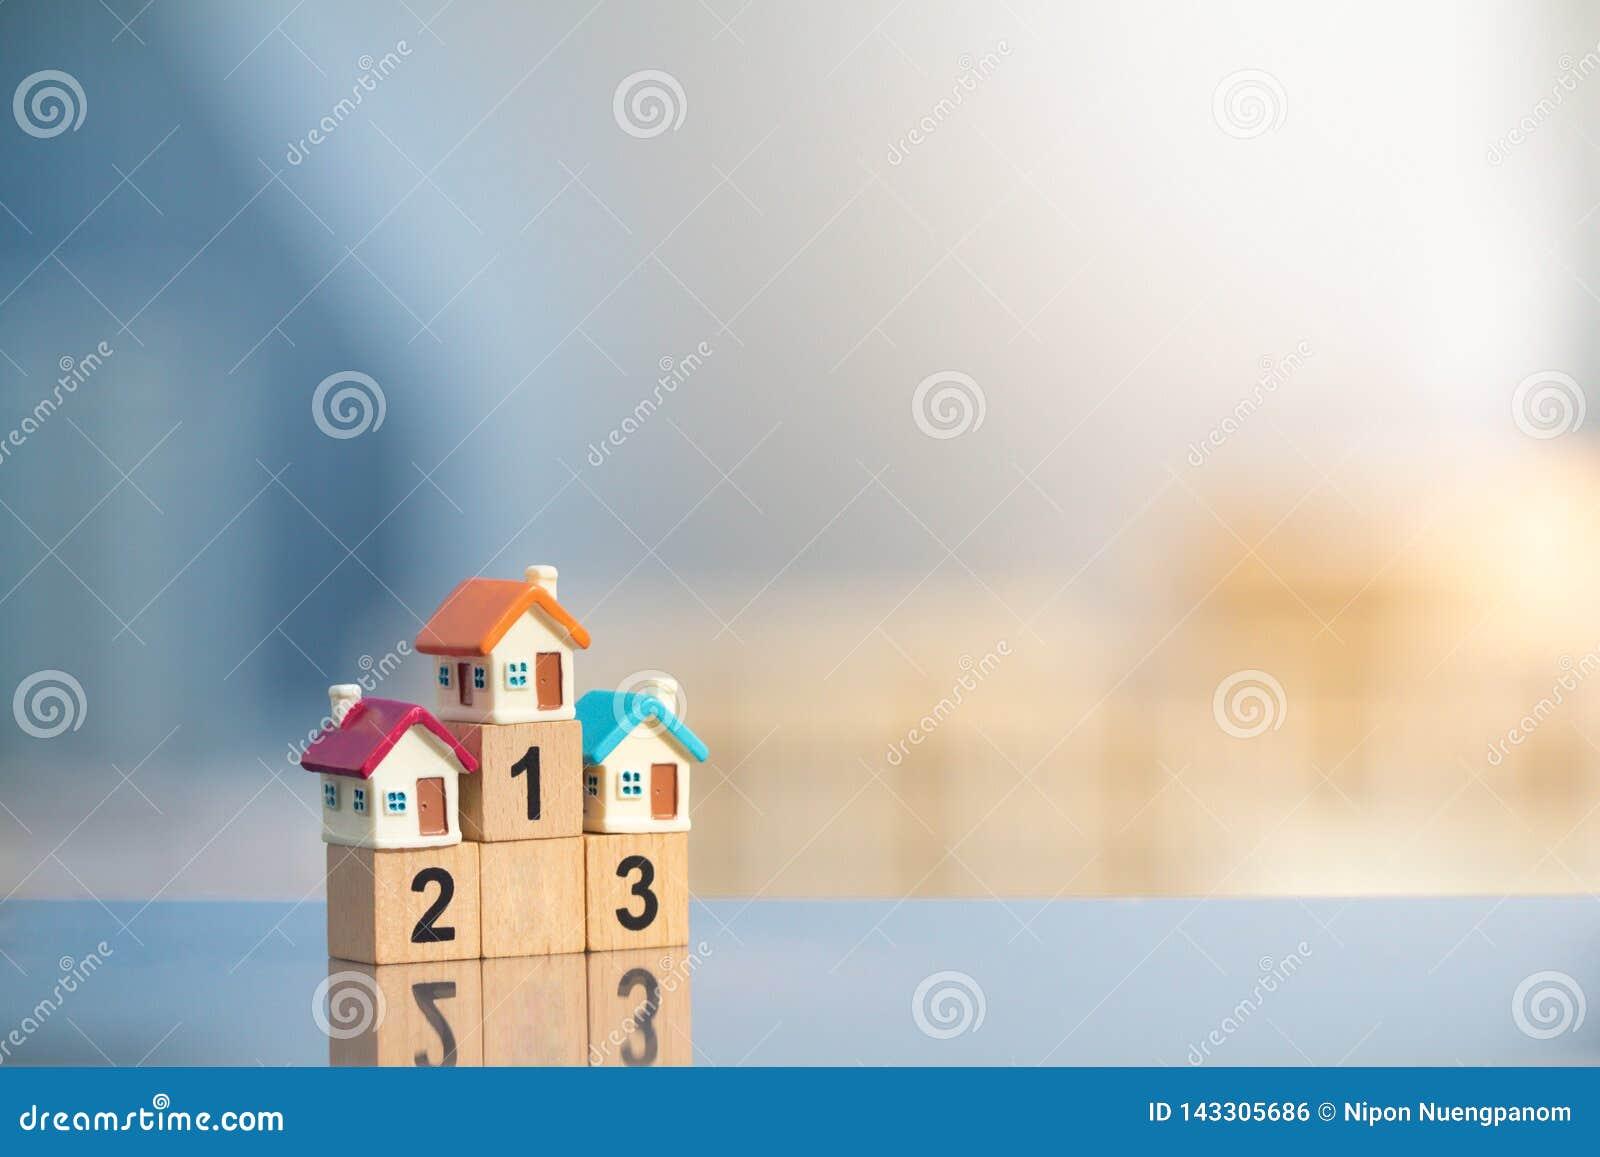 优胜者指挥台第一个地方的三个微型房子现代城市背景的